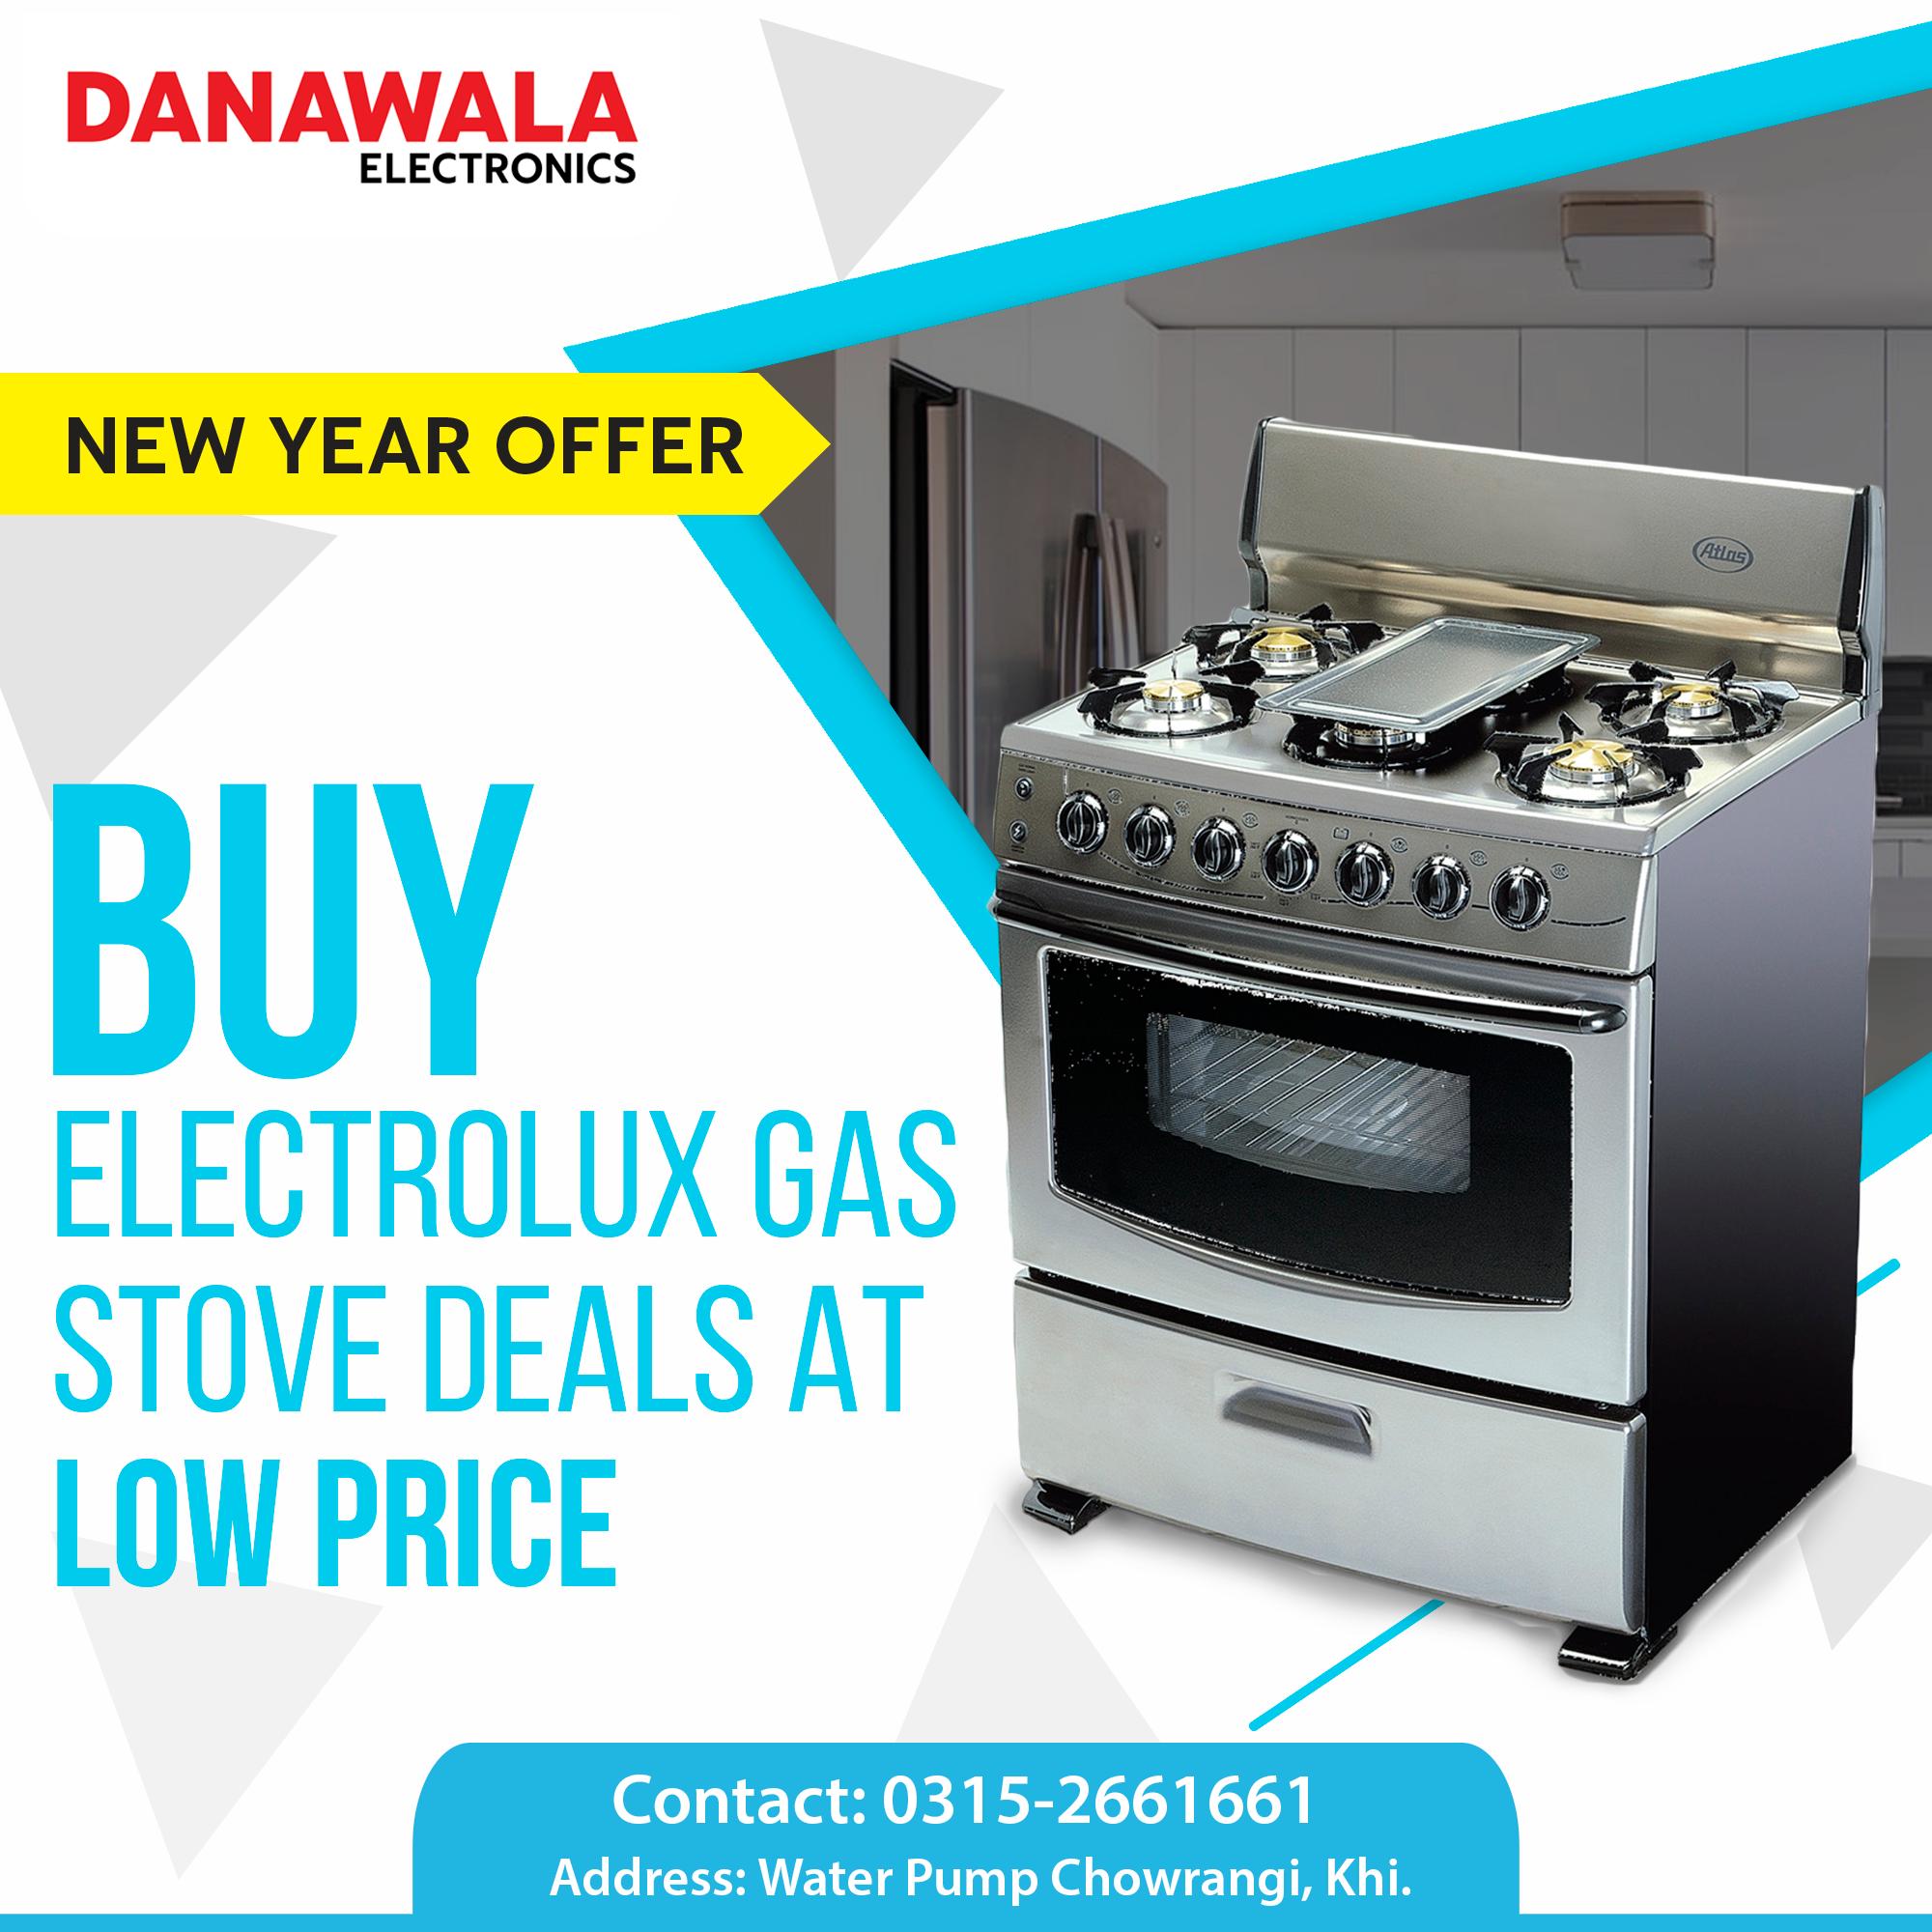 Danawala Electronics